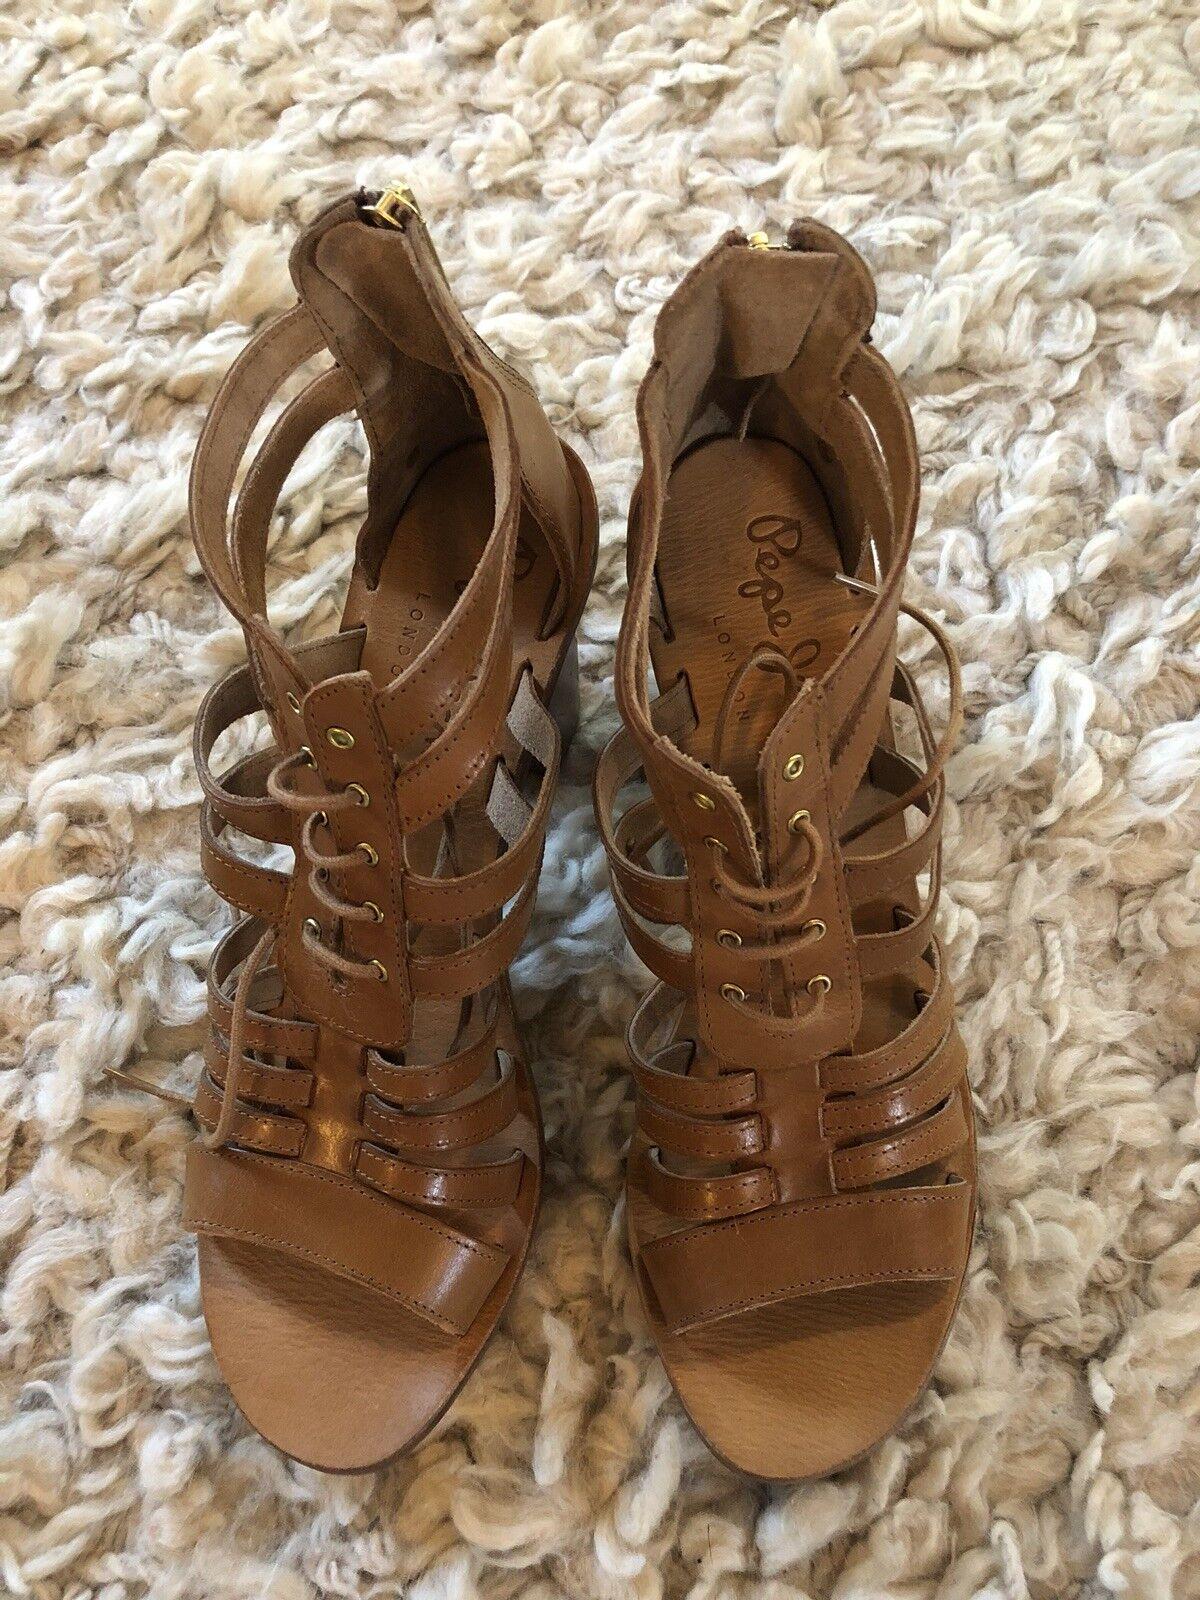 PEPE JEANS Chaussures à Talon Sandales UK 7